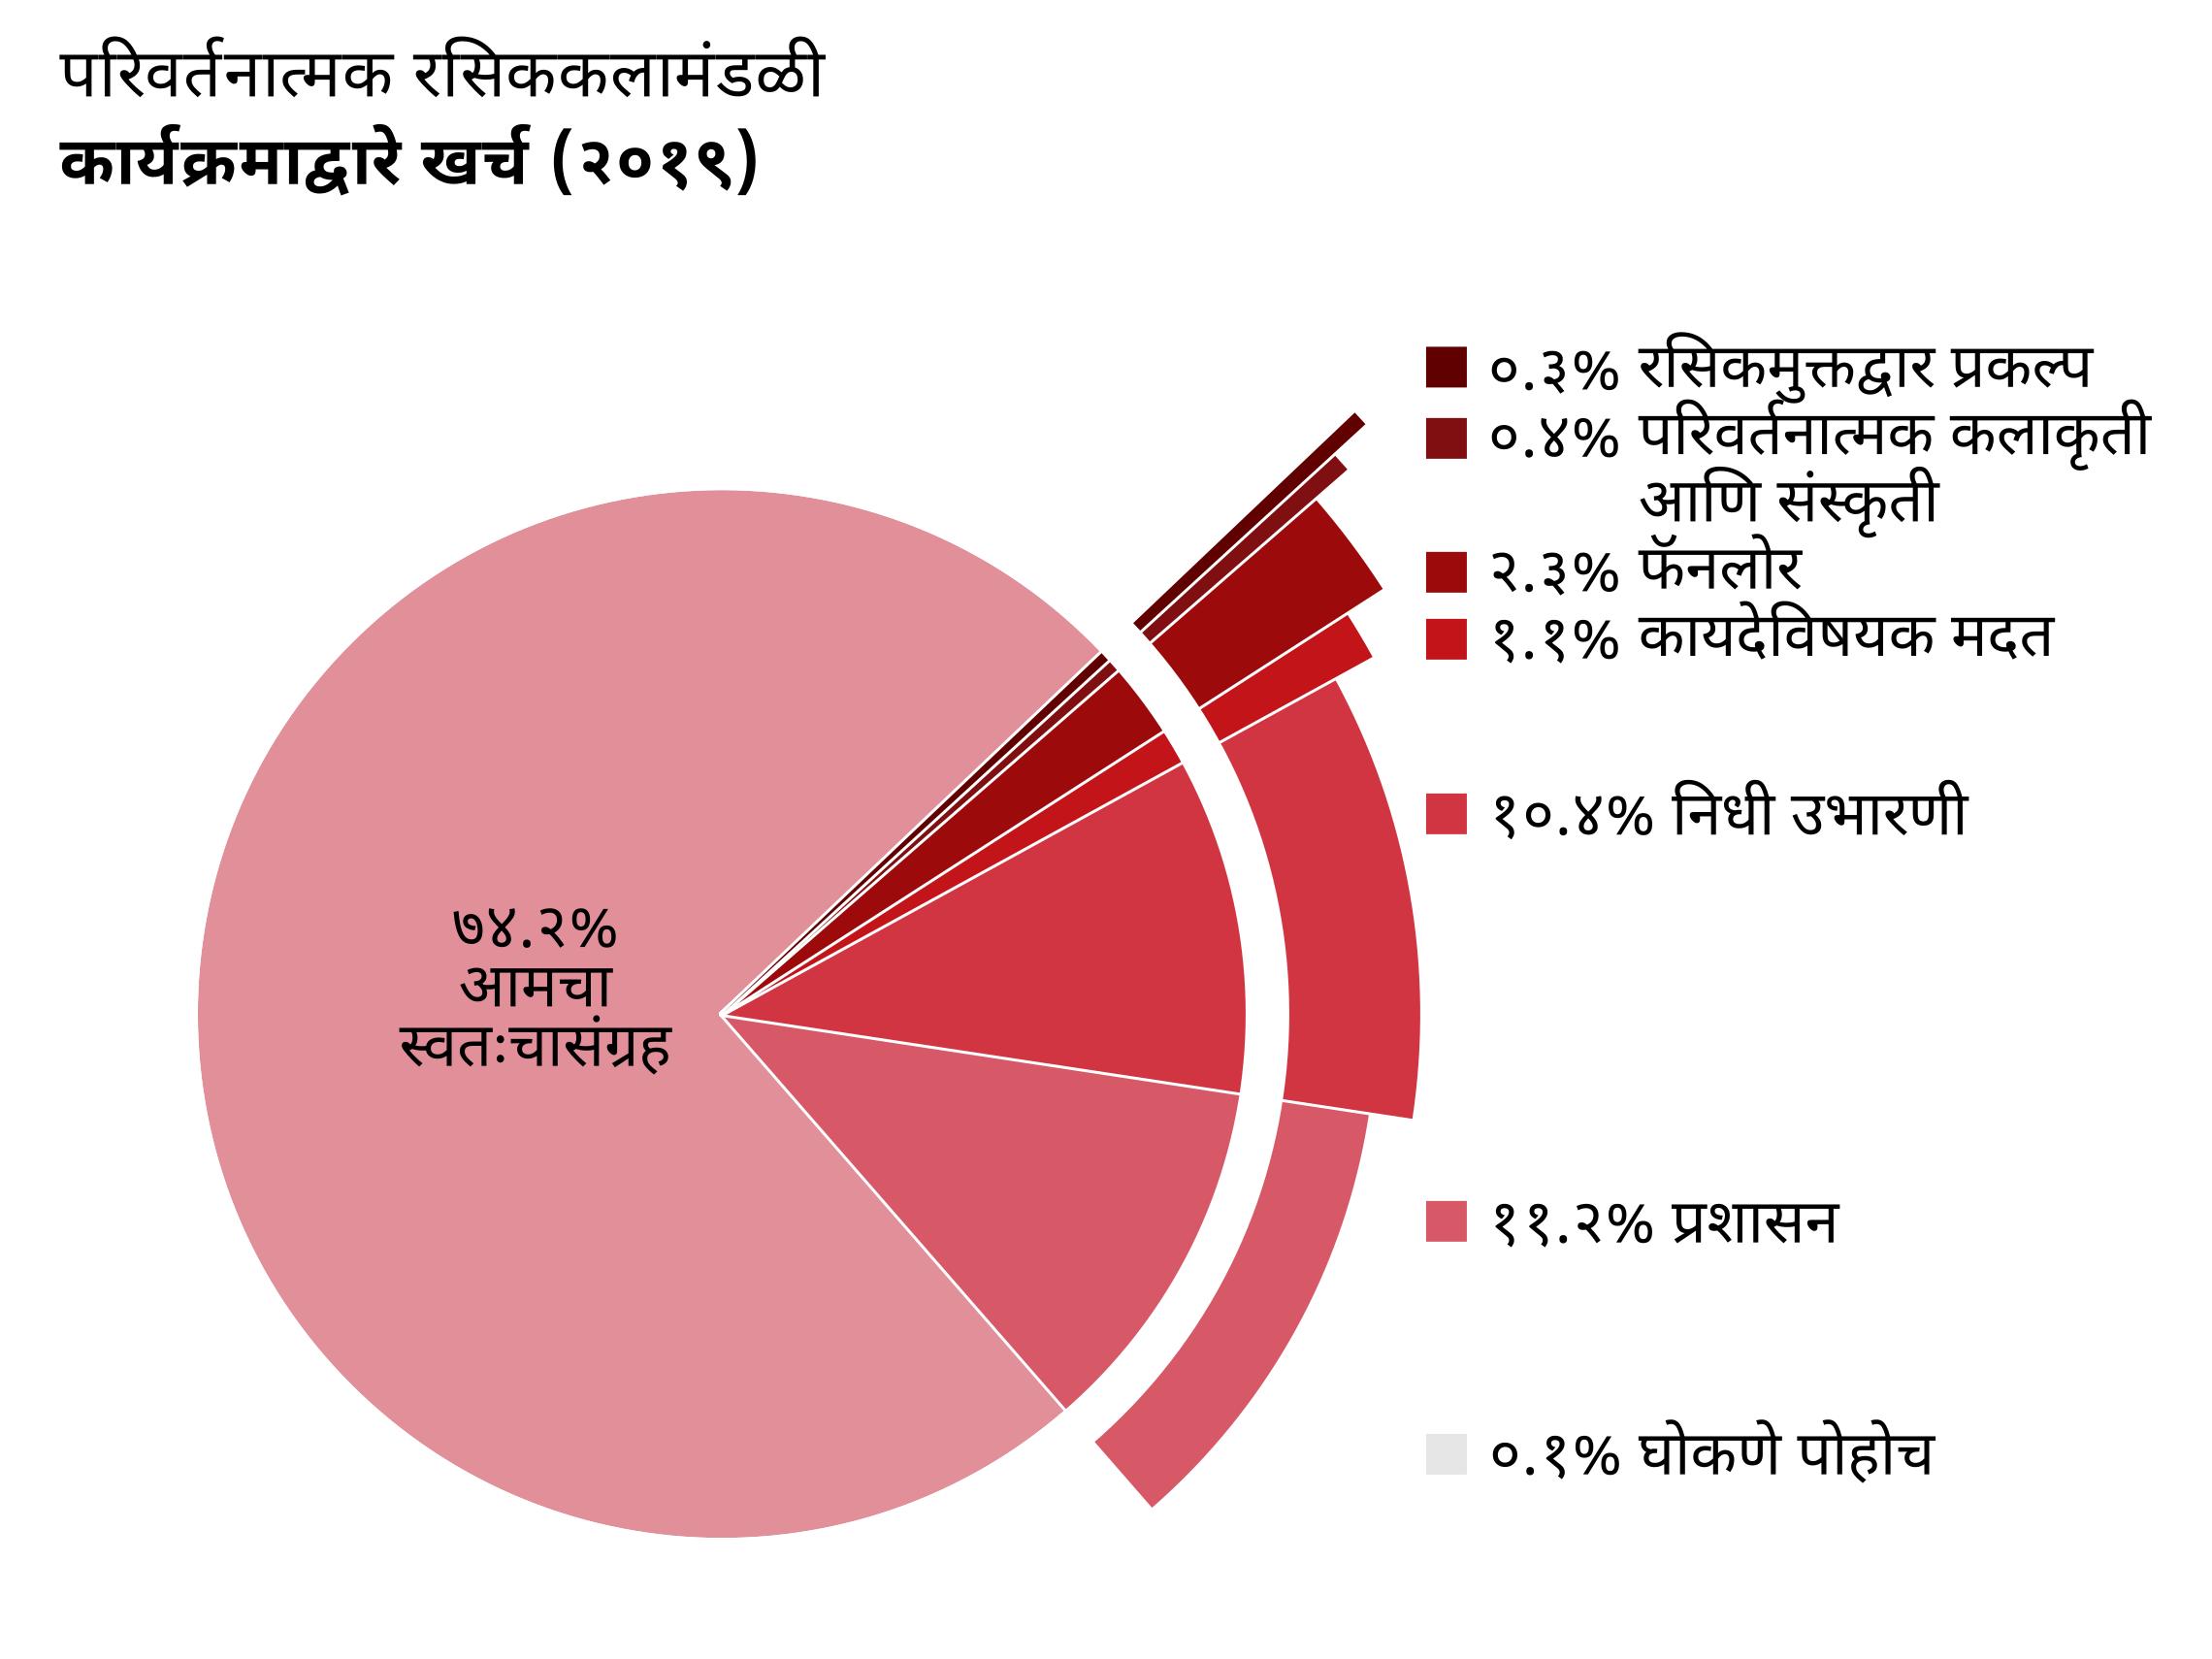 कार्यक्रमाद्वारे खर्च: आमचा स्वतःचा संग्रह: ७४.२%, रसिकमुक्तद्वार प्रकल्प: ०.३%, परिवर्तनात्मक कलाकृती आणि संस्कृती: ०.४%, फॅनलोर: २.३%, कायदेविषयक मदत: १.१%, घोकणे पोहोच: ०.१%, प्रशासन: ११.२%, निधी उभारणी: १०.४%.